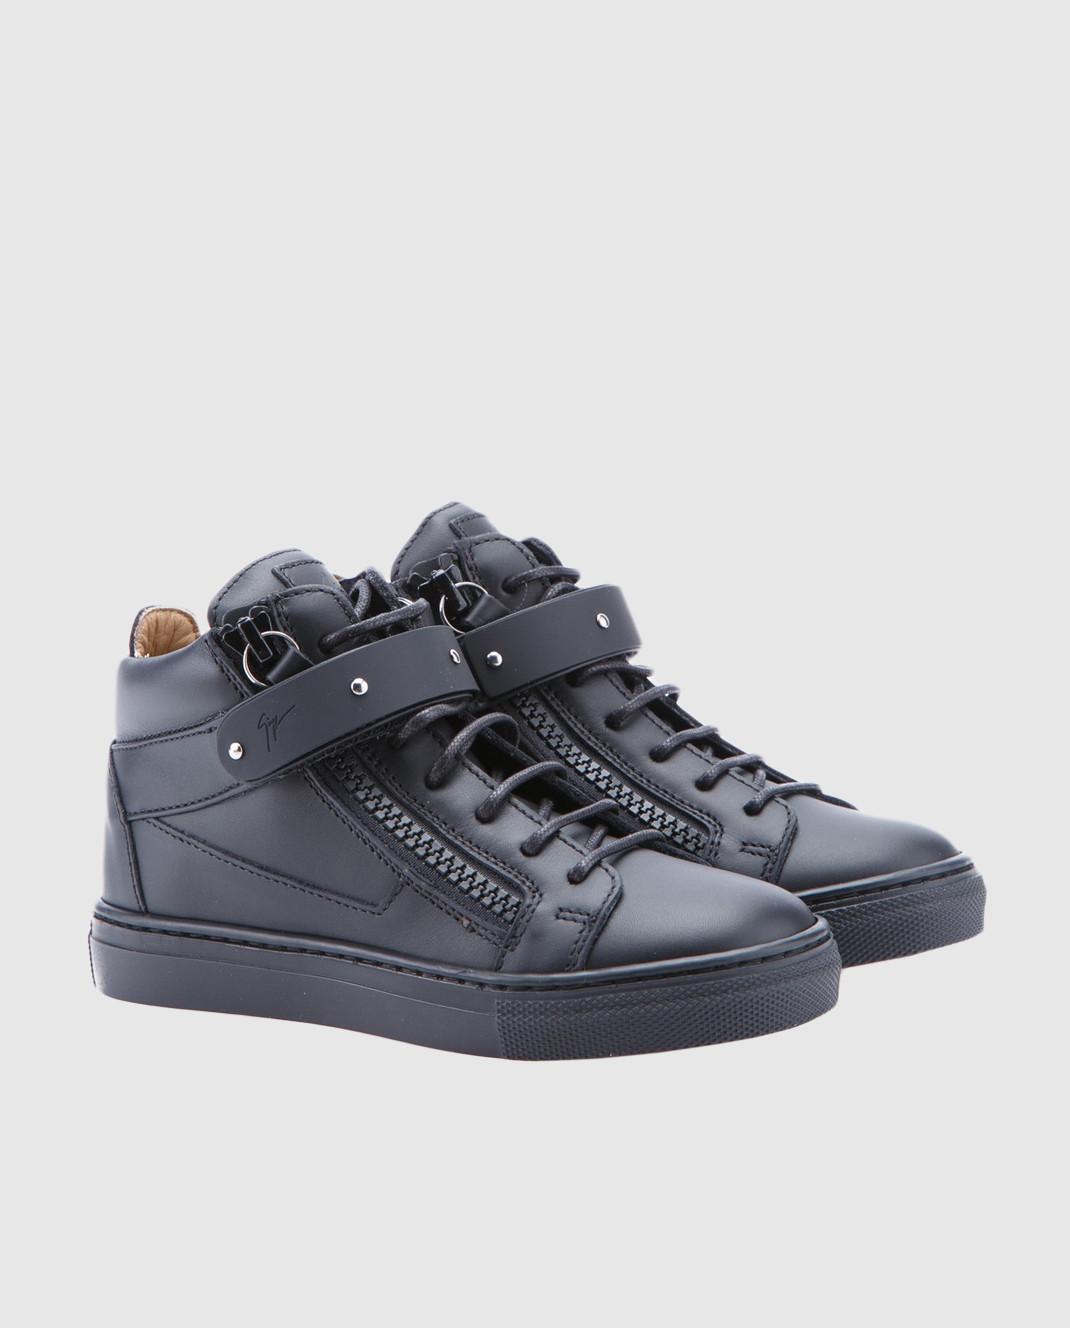 Giuseppe Zanotti Детские черные кожаные кеды SBE713001 изображение 2